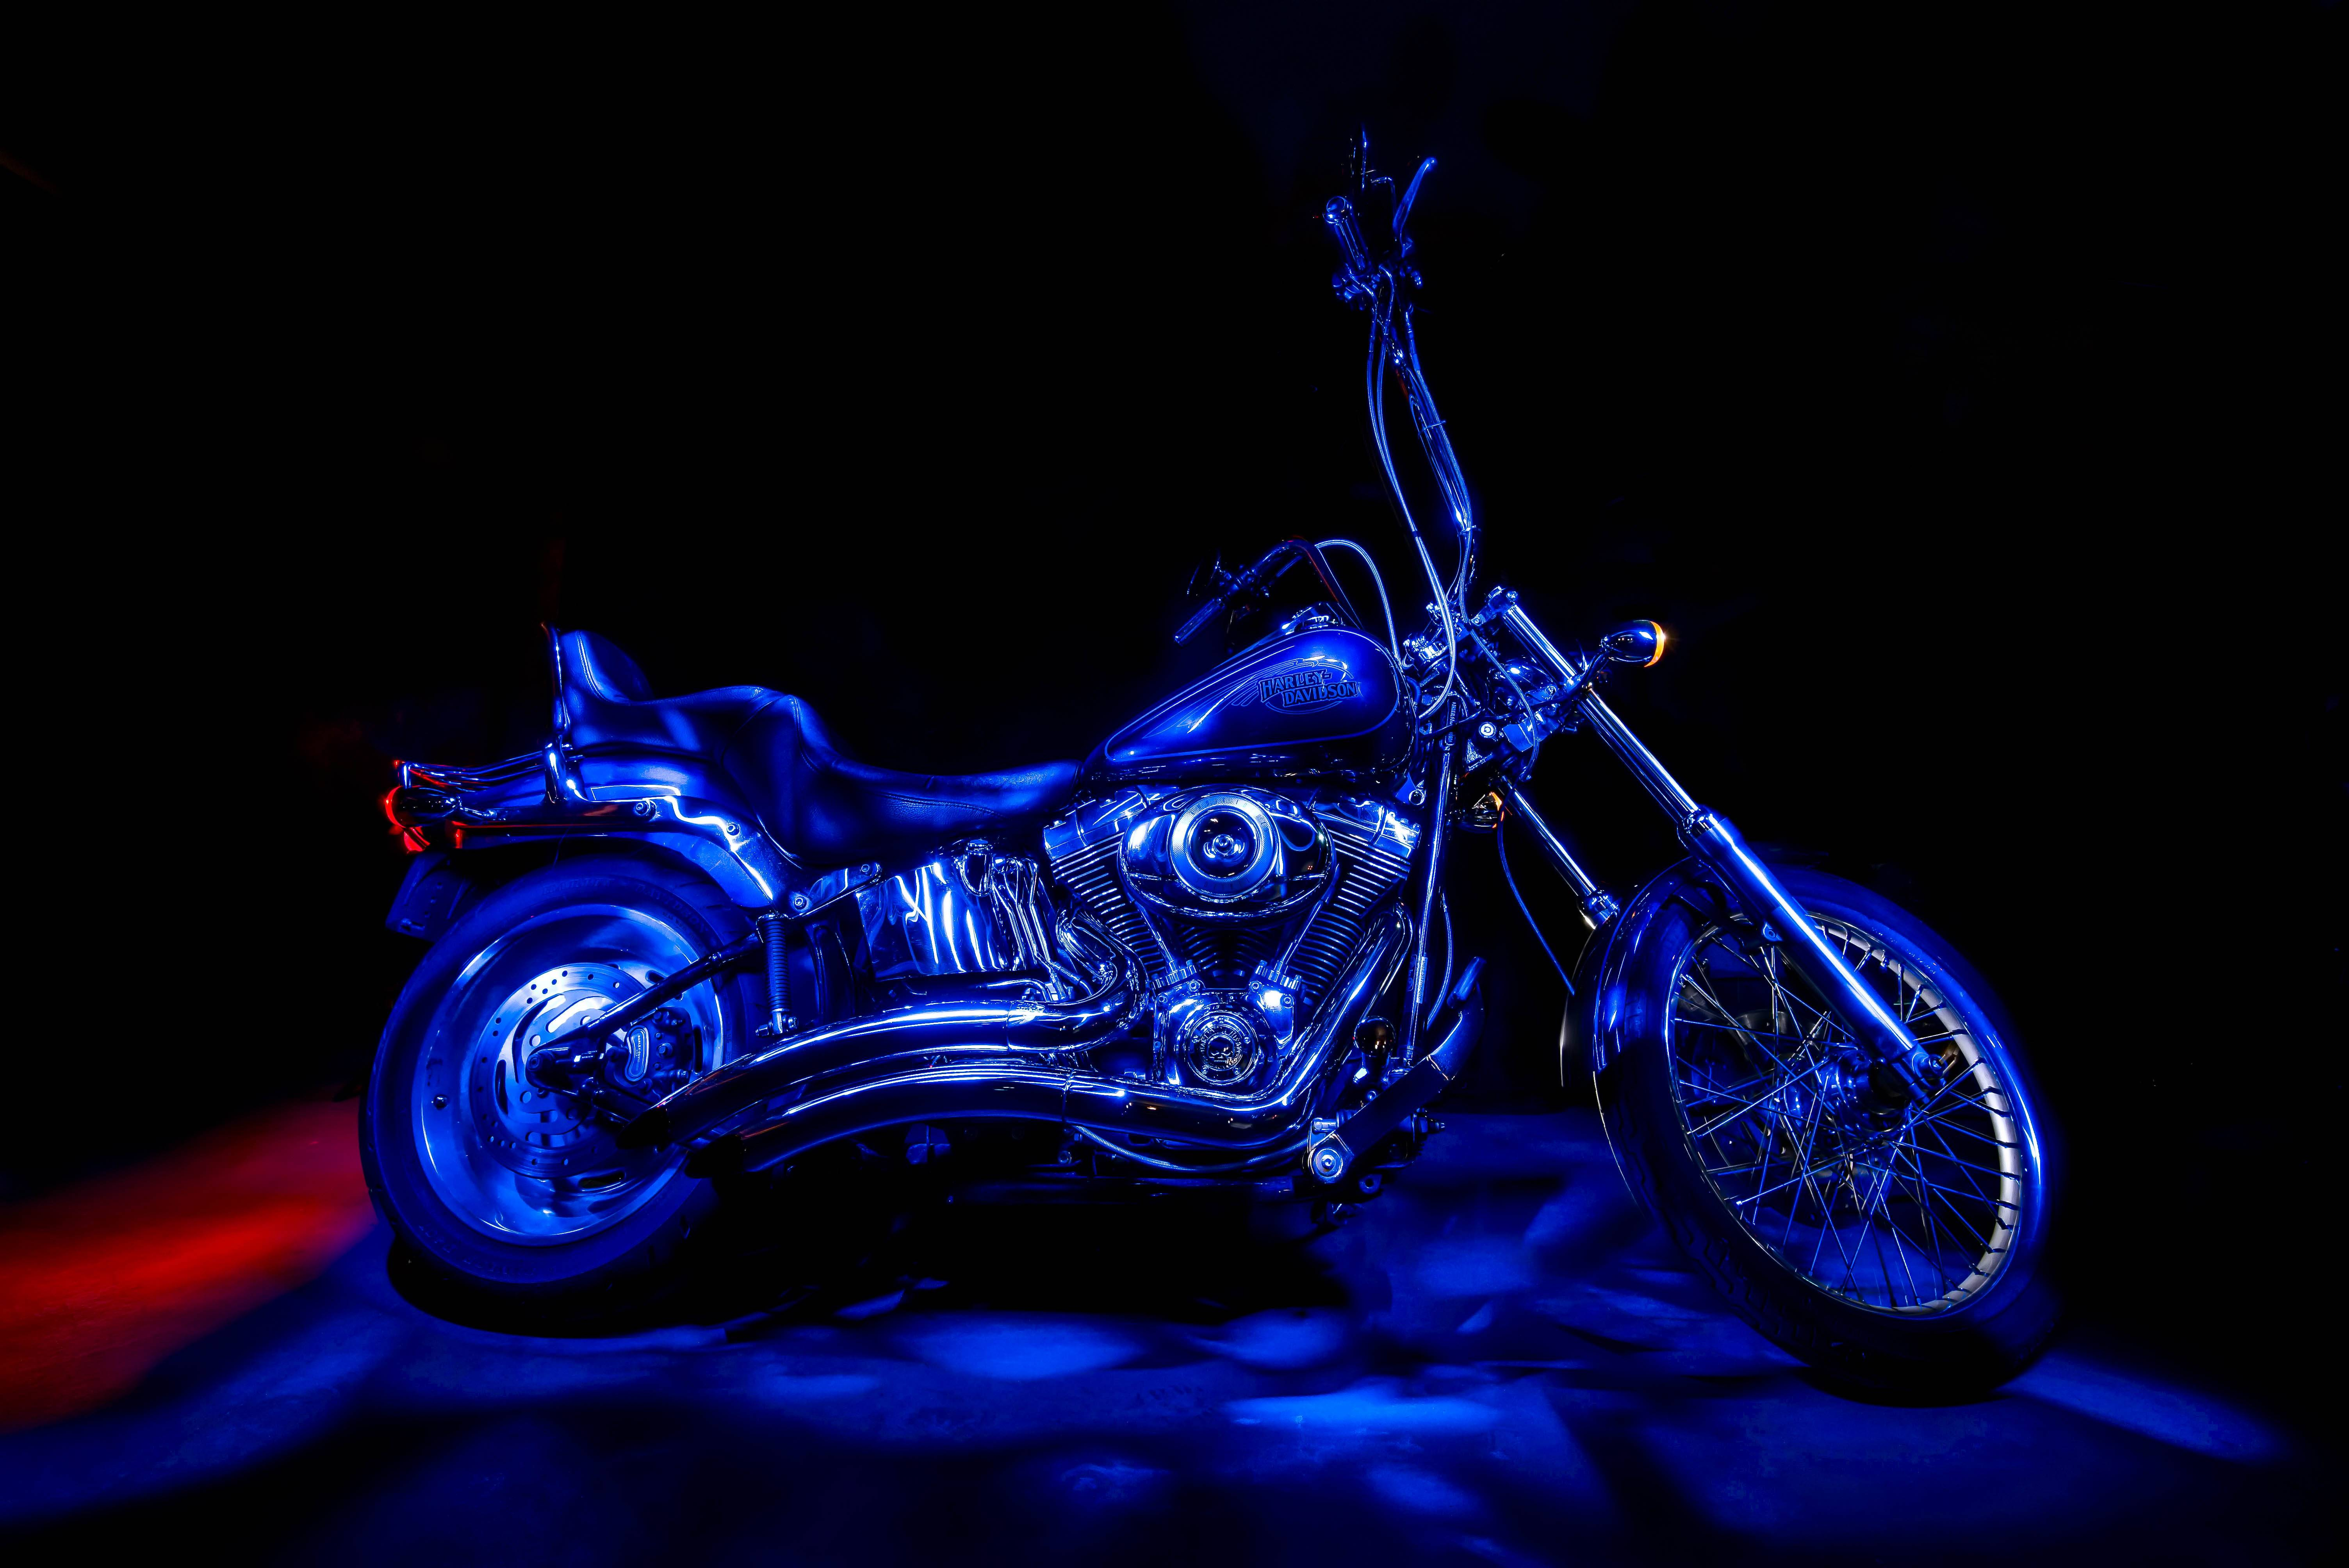 обои Harley-Davidson, Харли-Дэвидсон, мотоцикл картинки фото